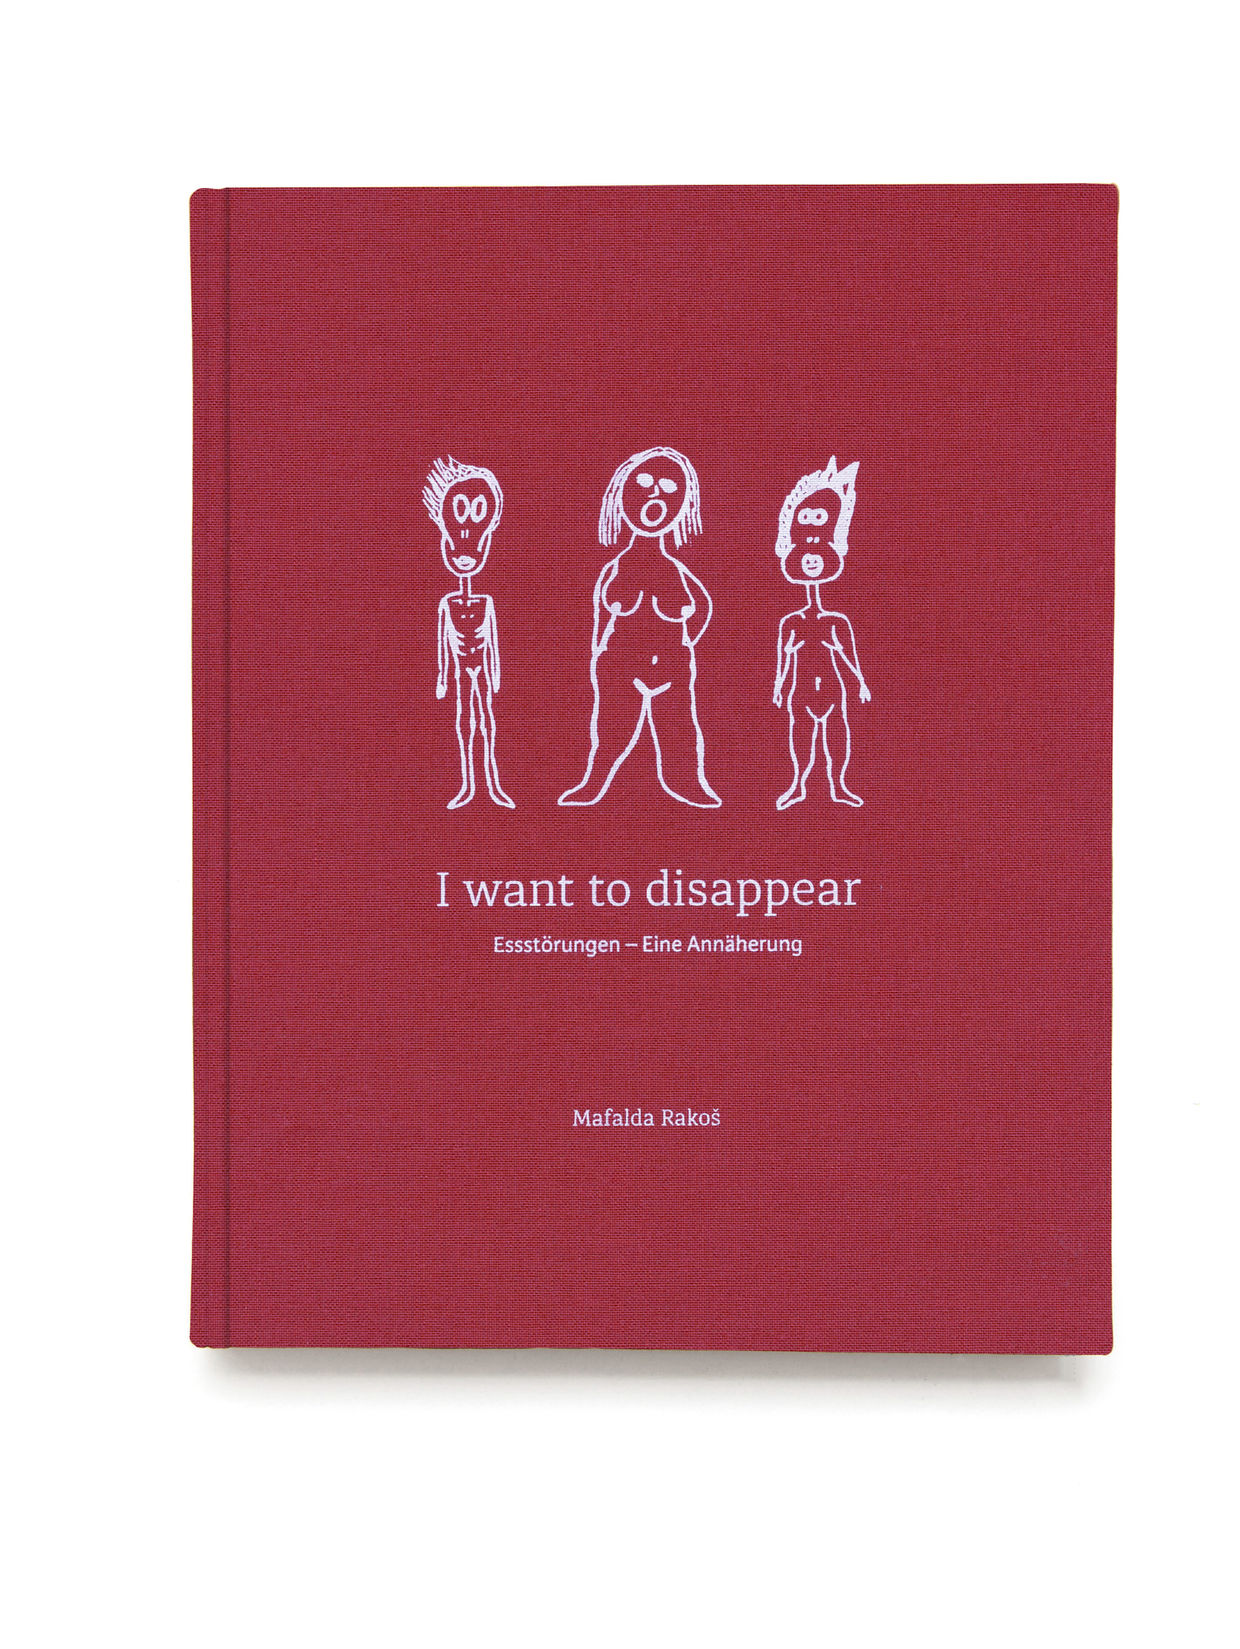 EDITION LAMMERHUBER presents Mafalda Rakoš I WANT TO DISAPPEAR